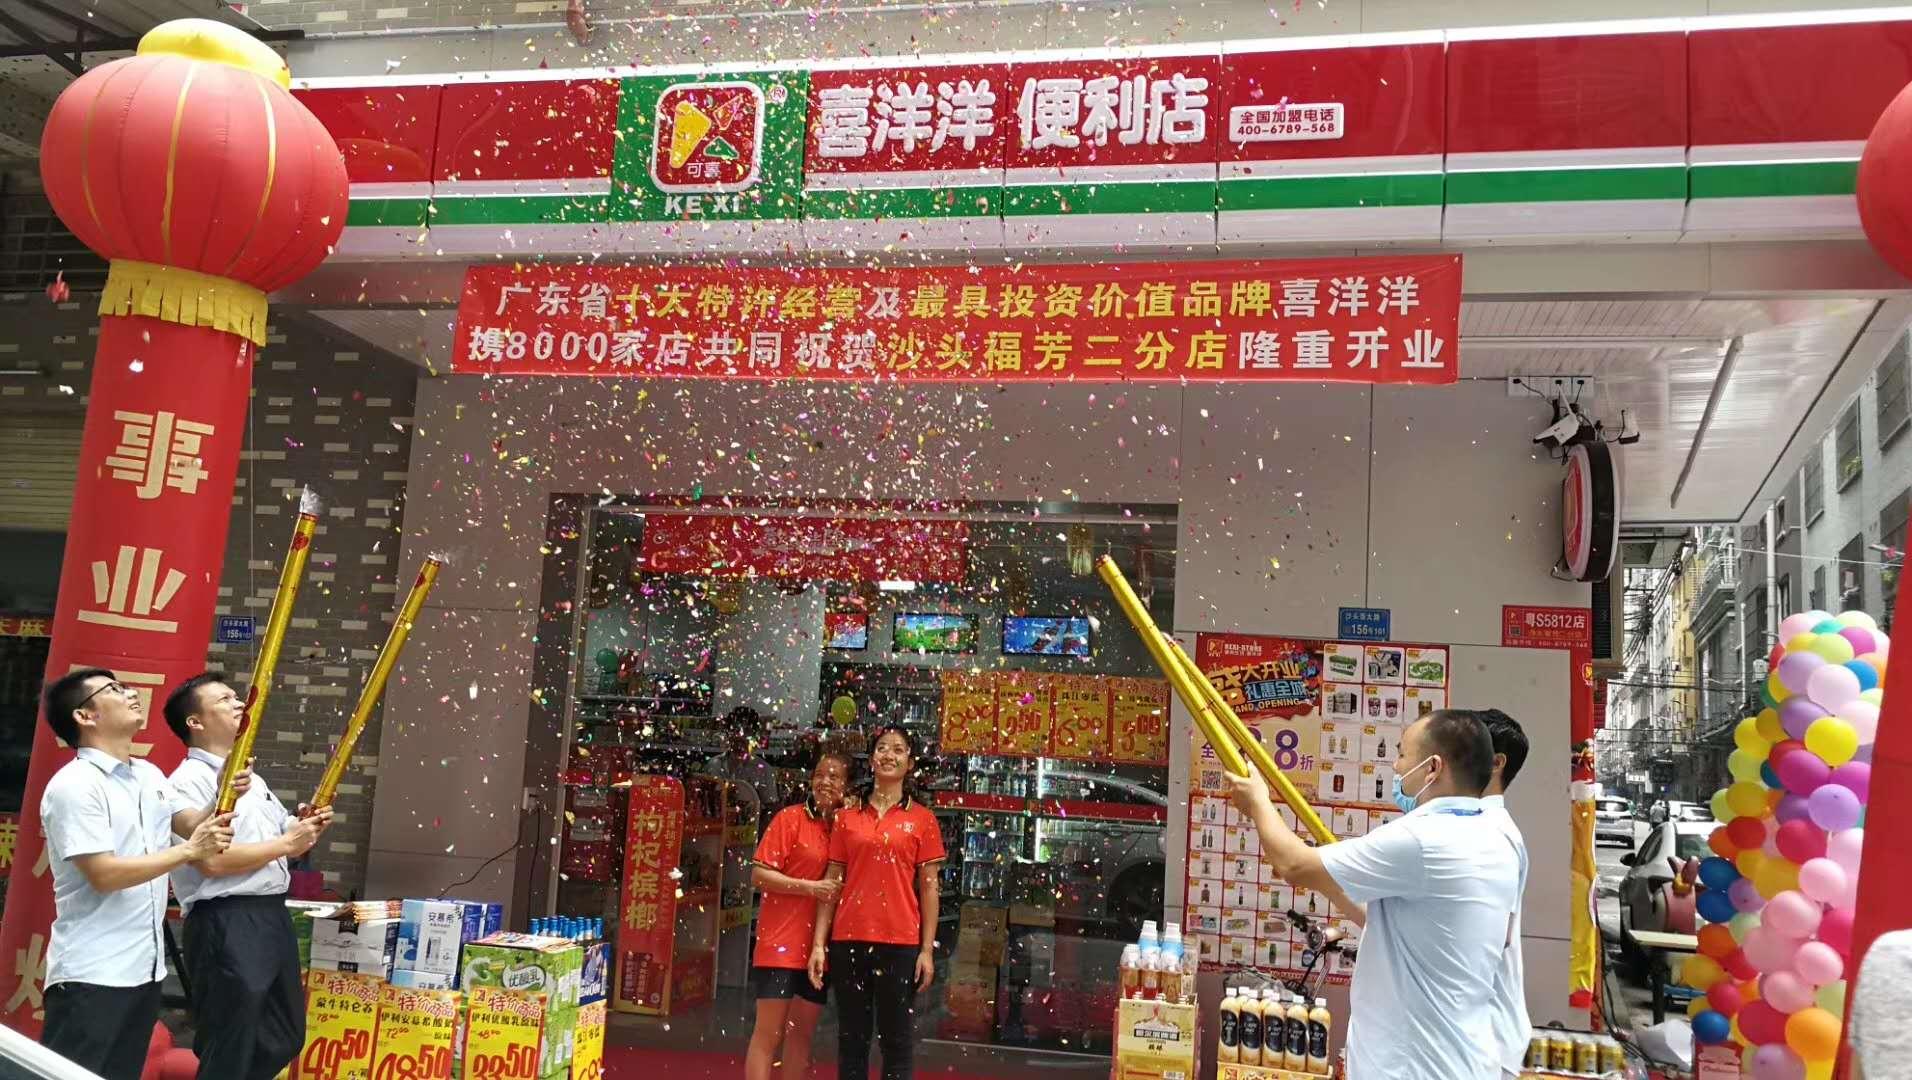 热烈祝贺喜洋洋9月14日又迎来新店开业:沙头福芳二分店